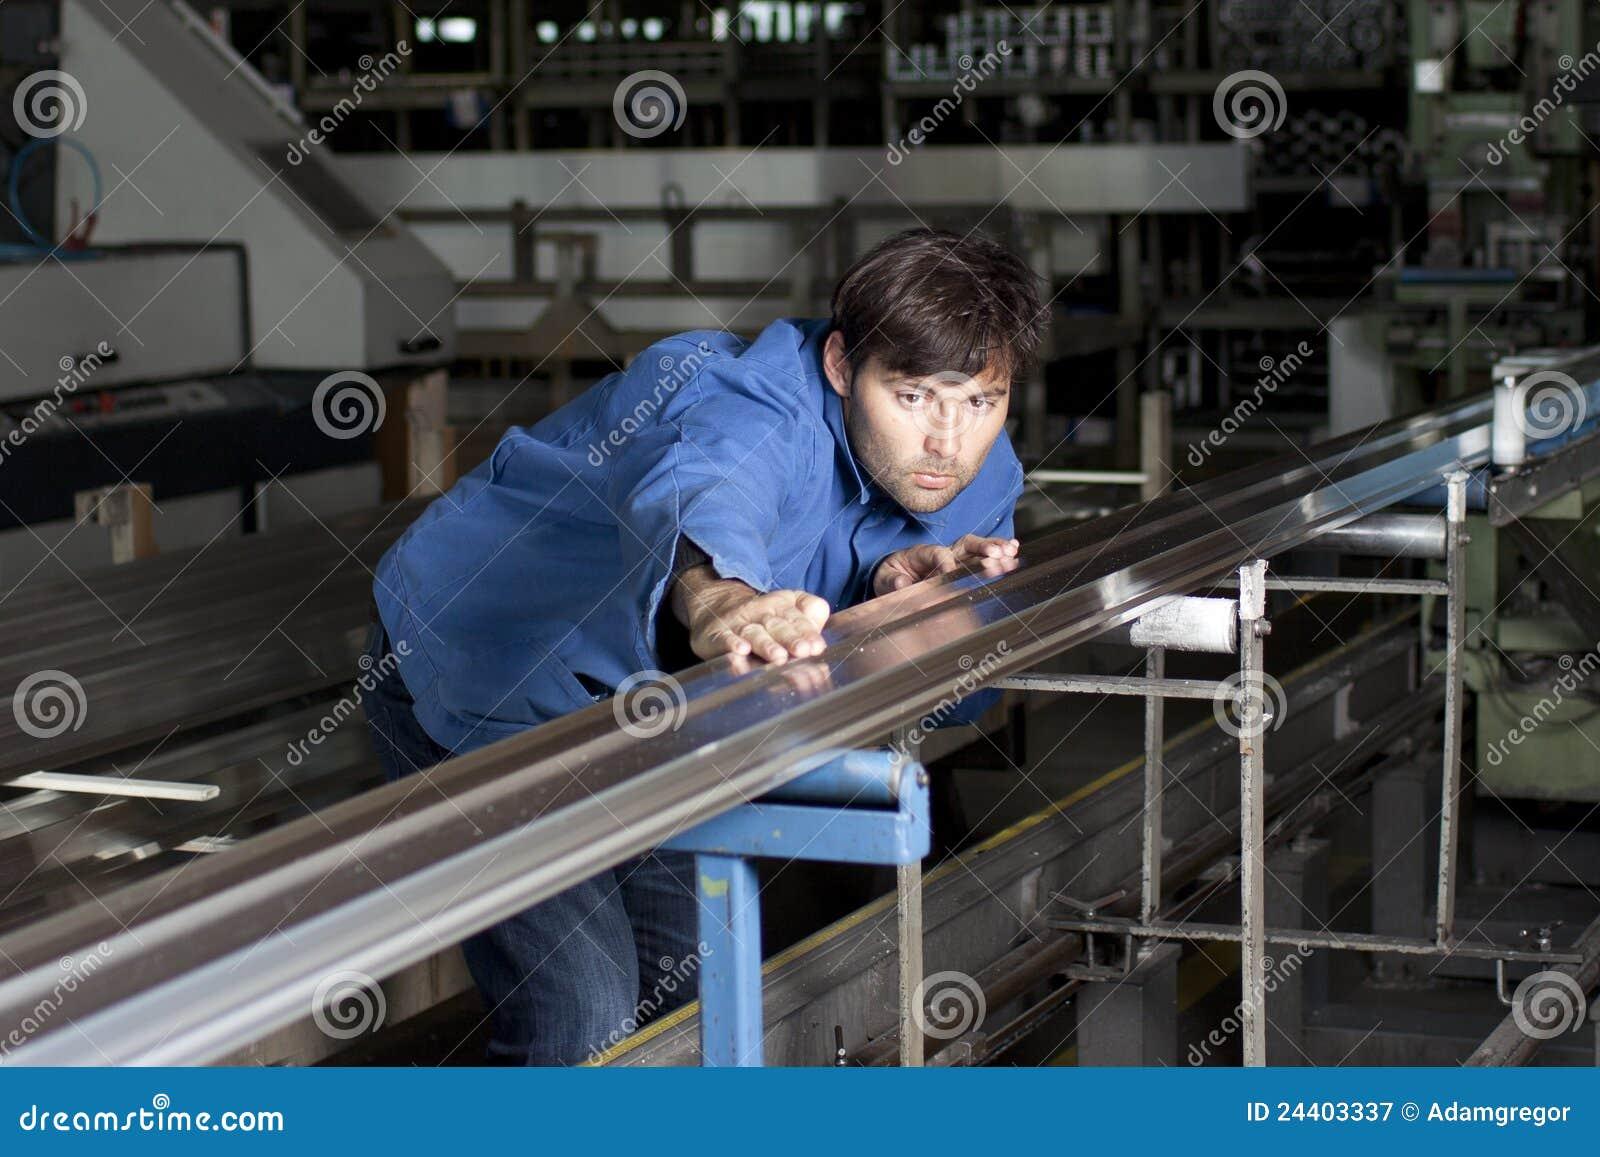 Job eines Metallbauers: Prüfen eines Metallbauteils